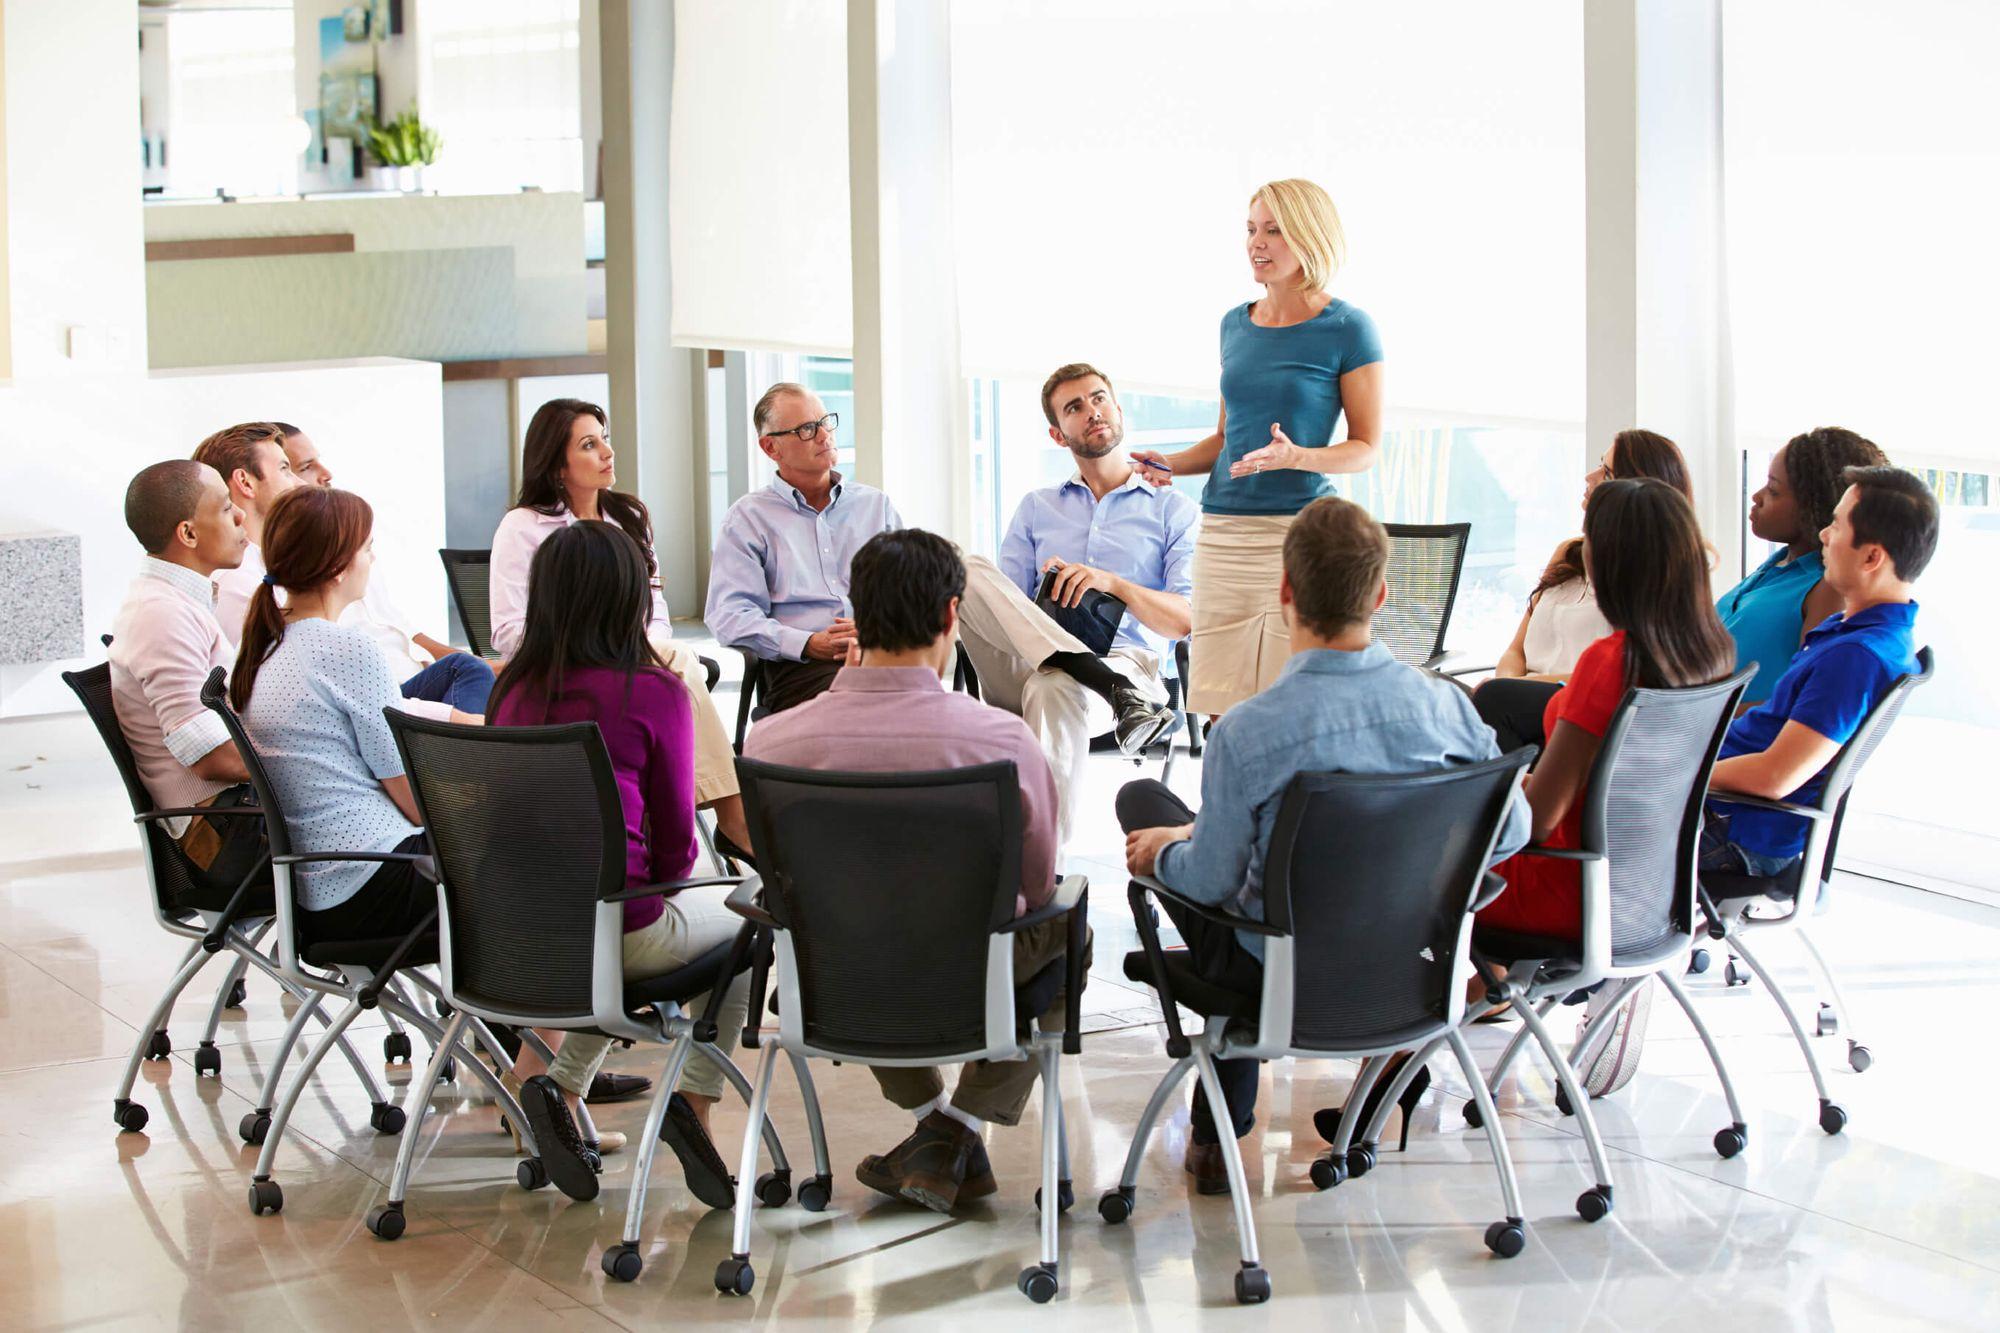 Focus Groups for VoC